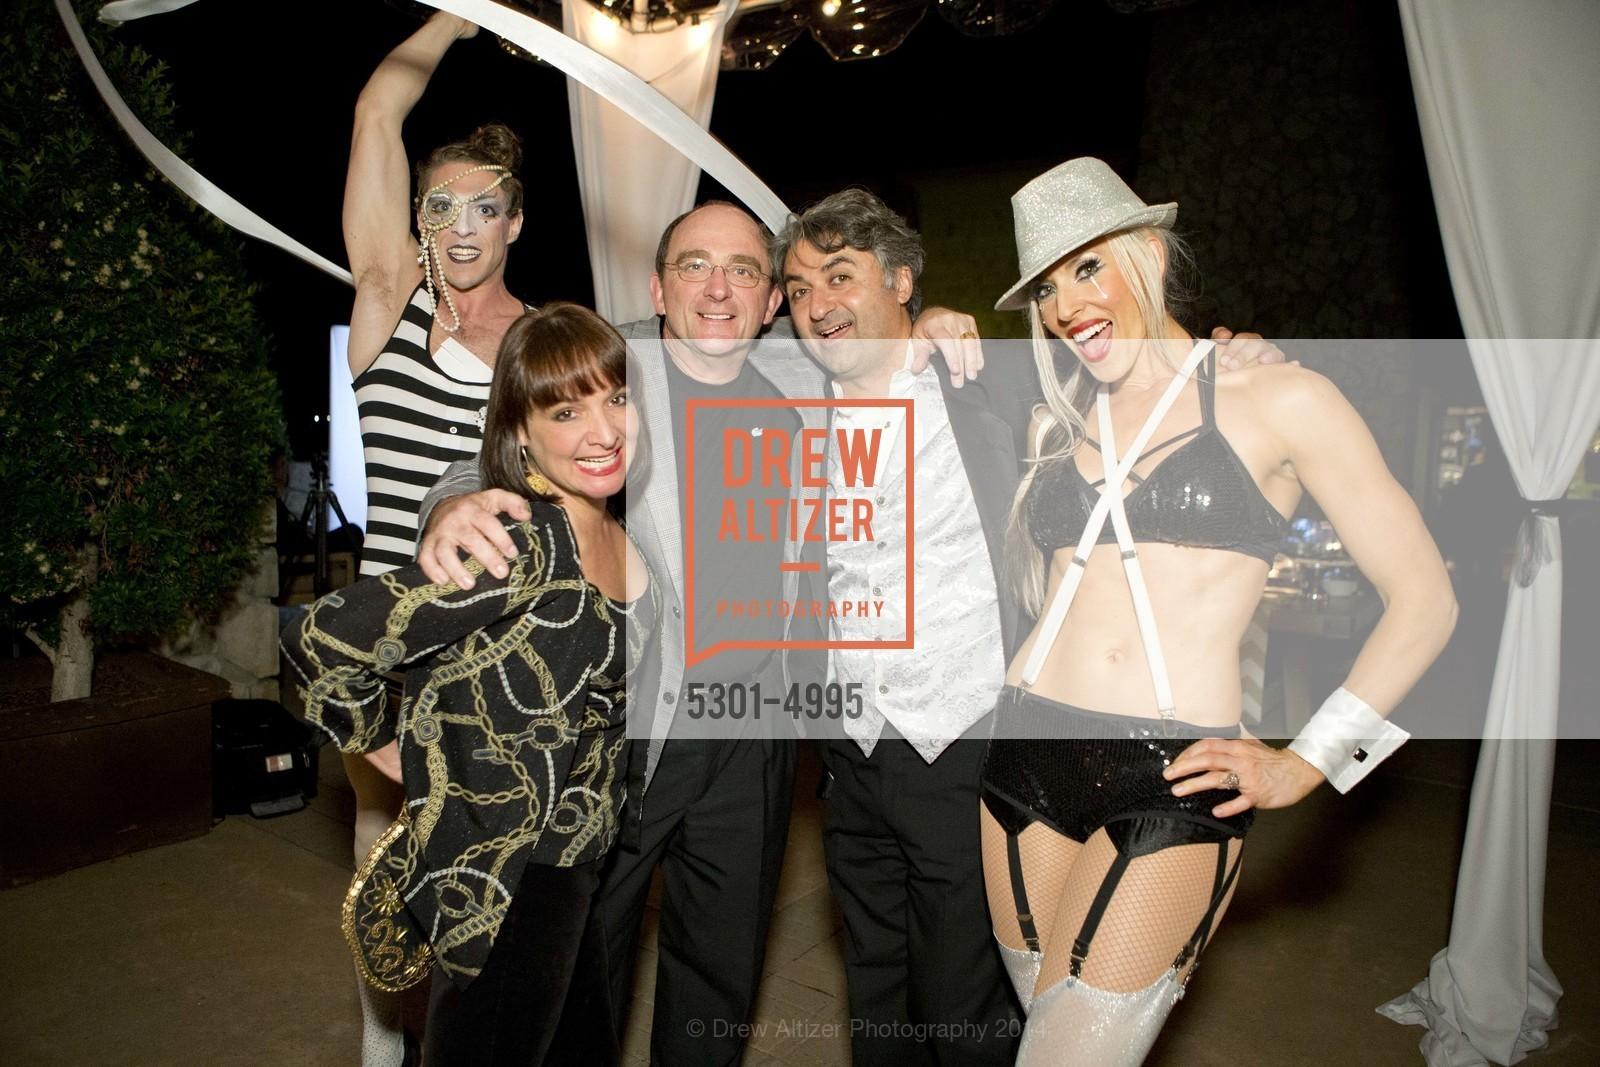 Barbara Klein, Tom Klein, Hooman Khalili, Photo #5301-4995